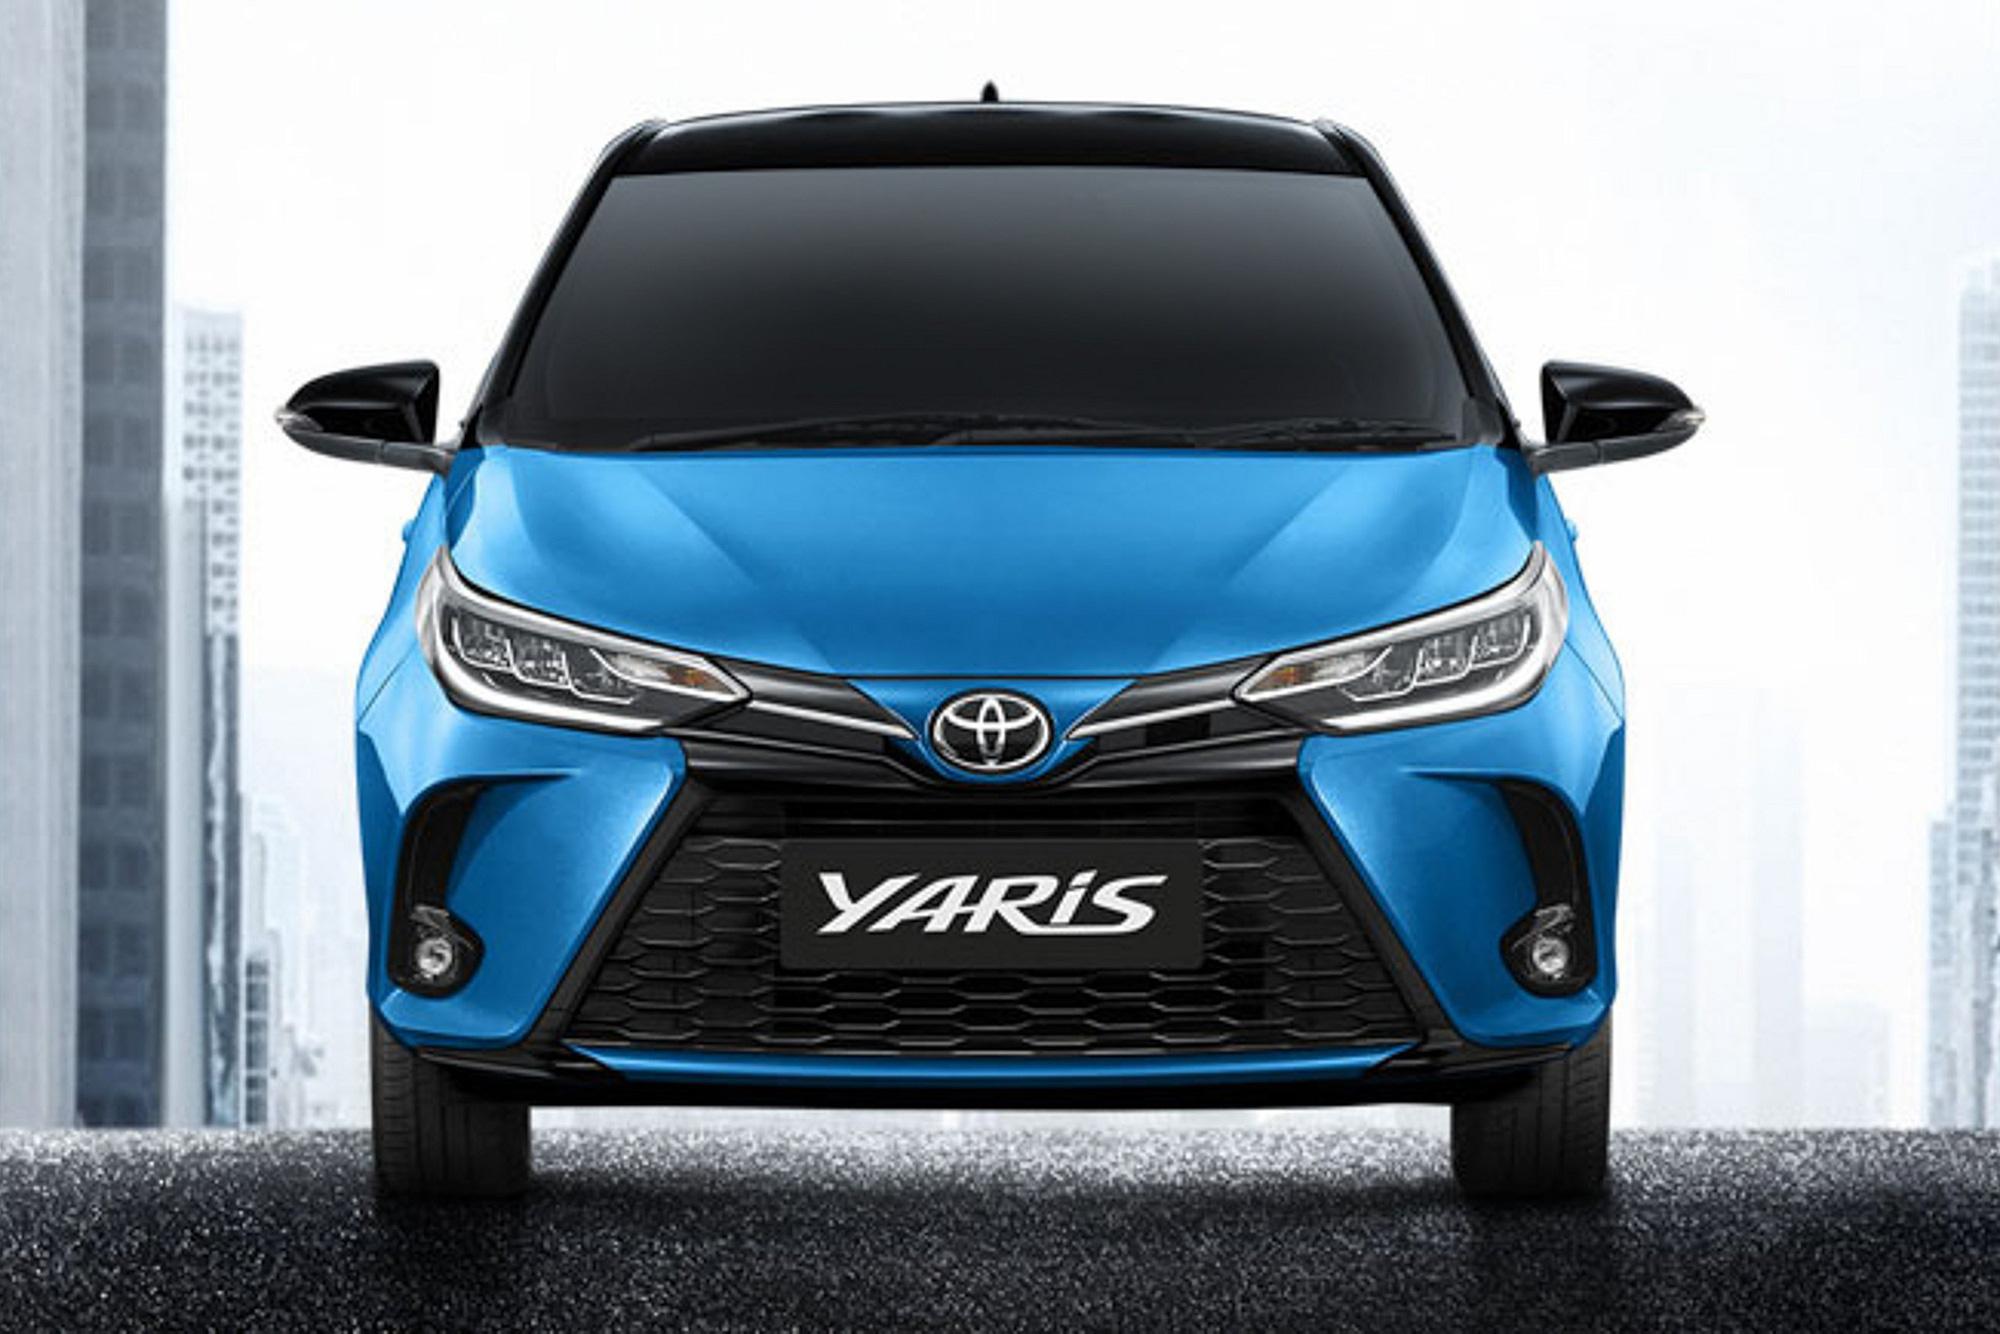 Ra mắt Toyota Yaris 2021: Đầu như Camry, có chi tiết gần giống Corolla Cross - Ảnh 1.